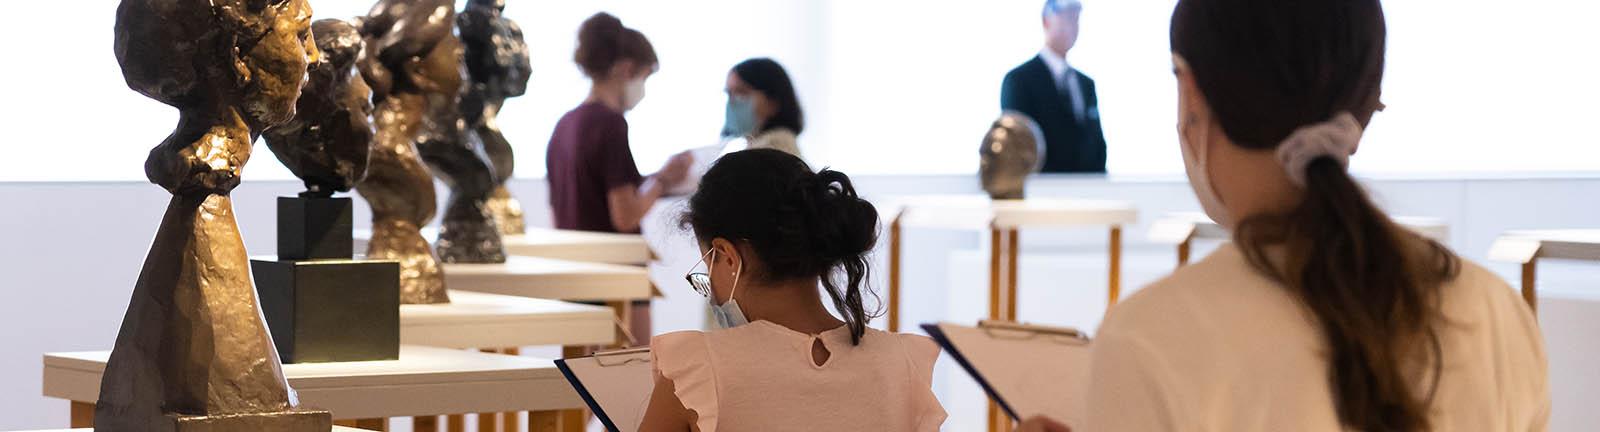 Etudiants durant un atelier de croquis